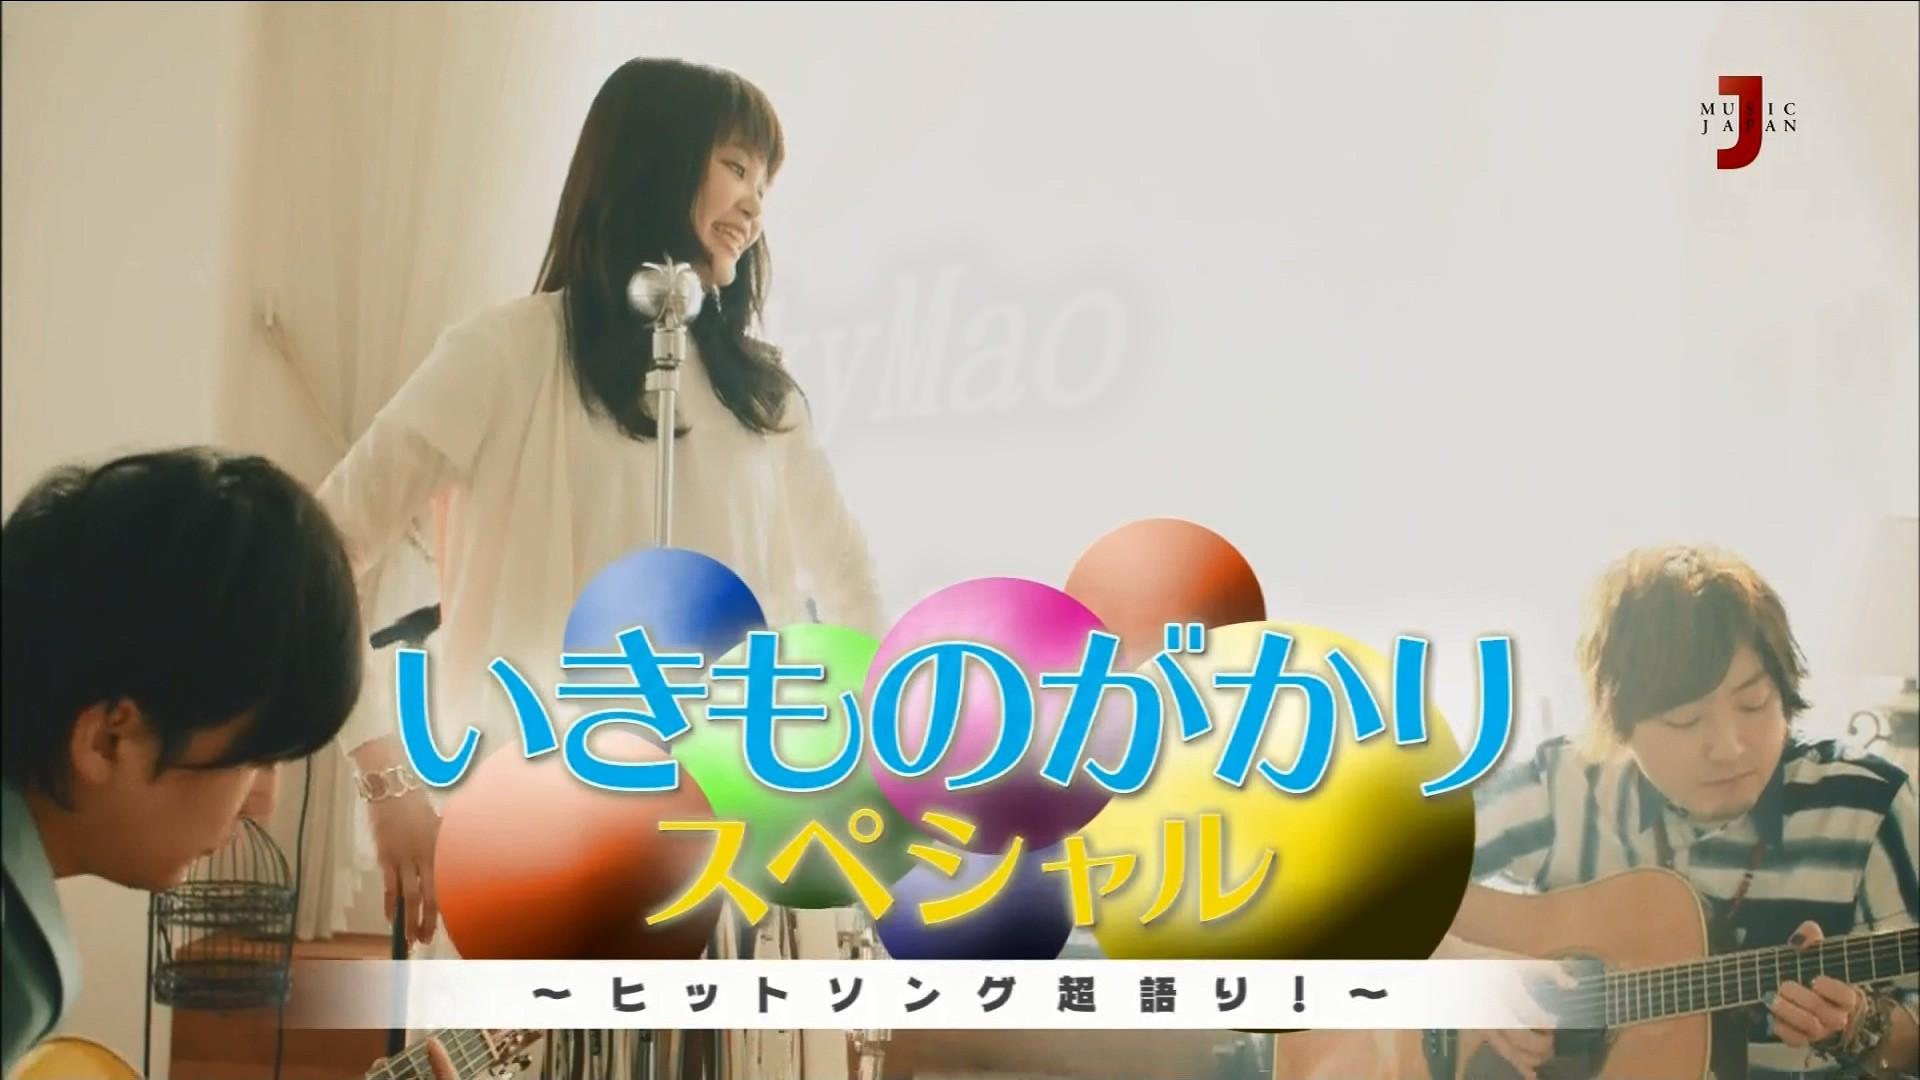 2016.05.07 いきものがかり スペシャル(MJTV).ts_20160507_185058.232